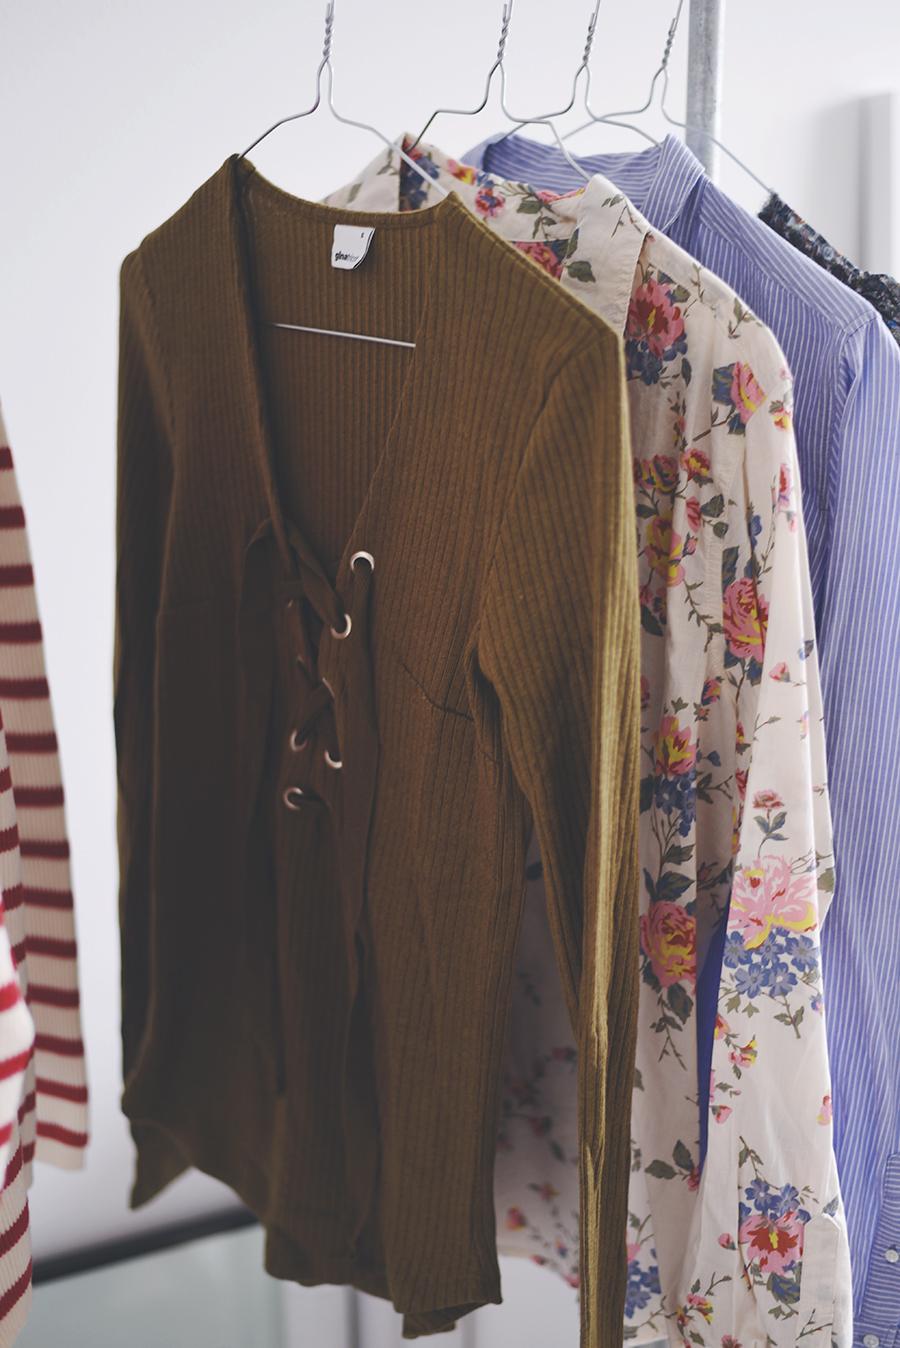 wardrobe challenge4